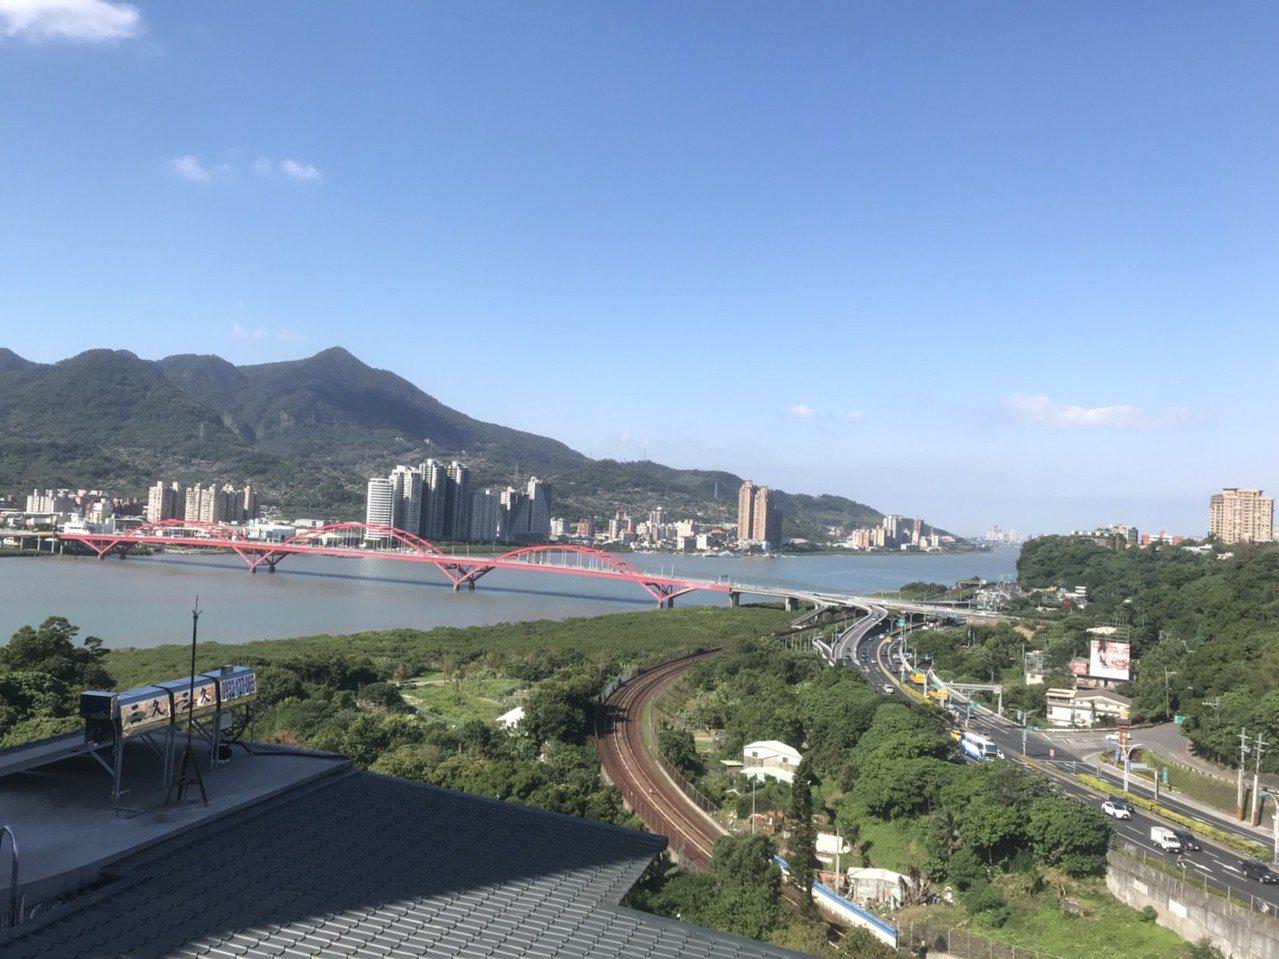 台2線是淡水地區與台北市區之間唯一道路,每逢尖峰時段或例假日就塞車,新北市計畫興...